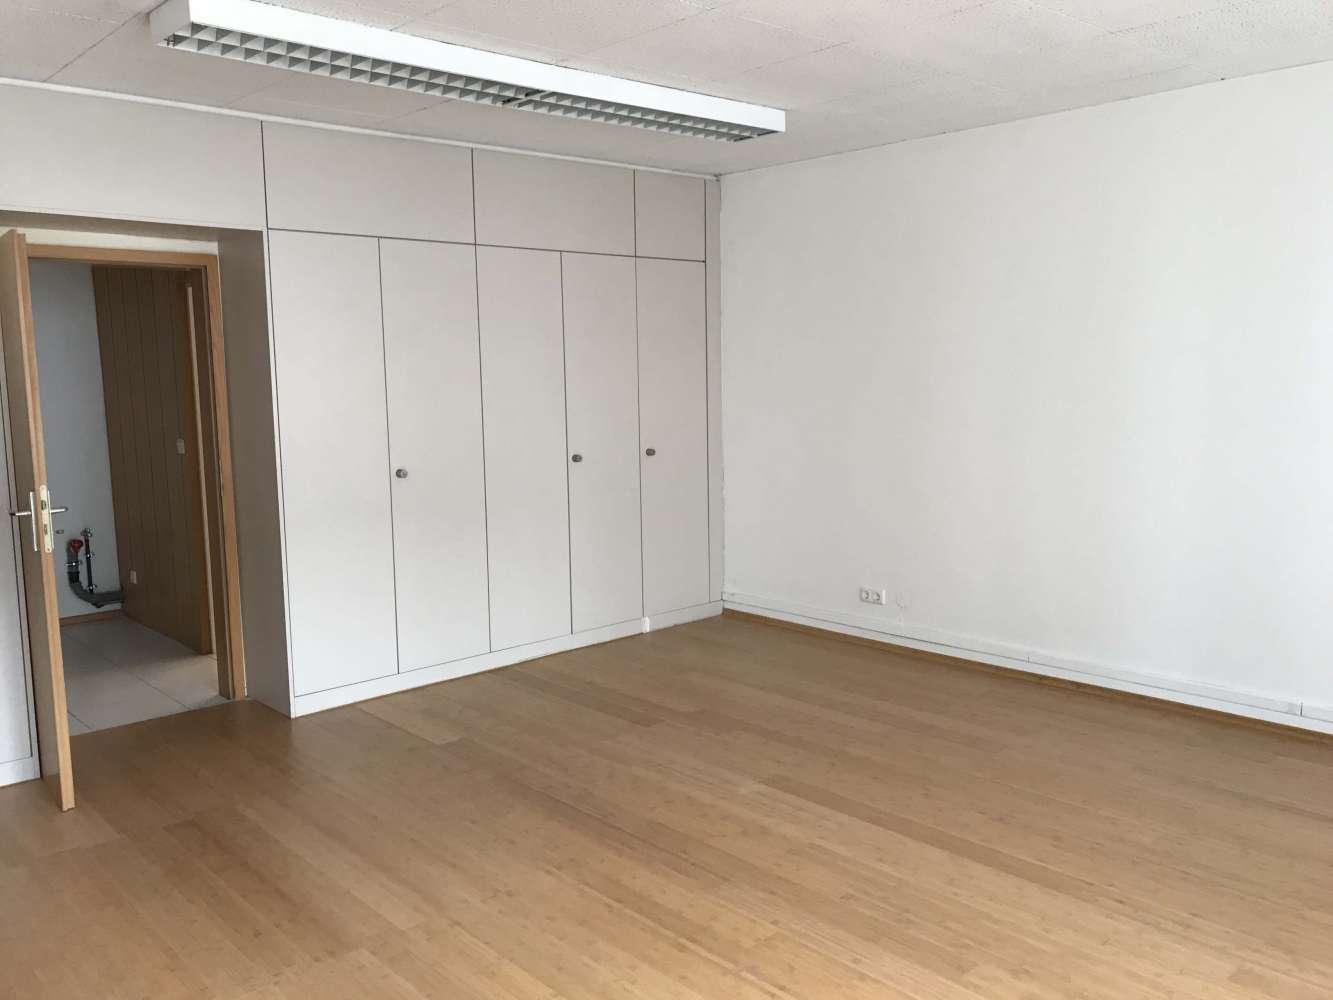 Büros Frankfurt am main, 60329 - Büro - Frankfurt am Main, Innenstadt - F0735 - 10321872